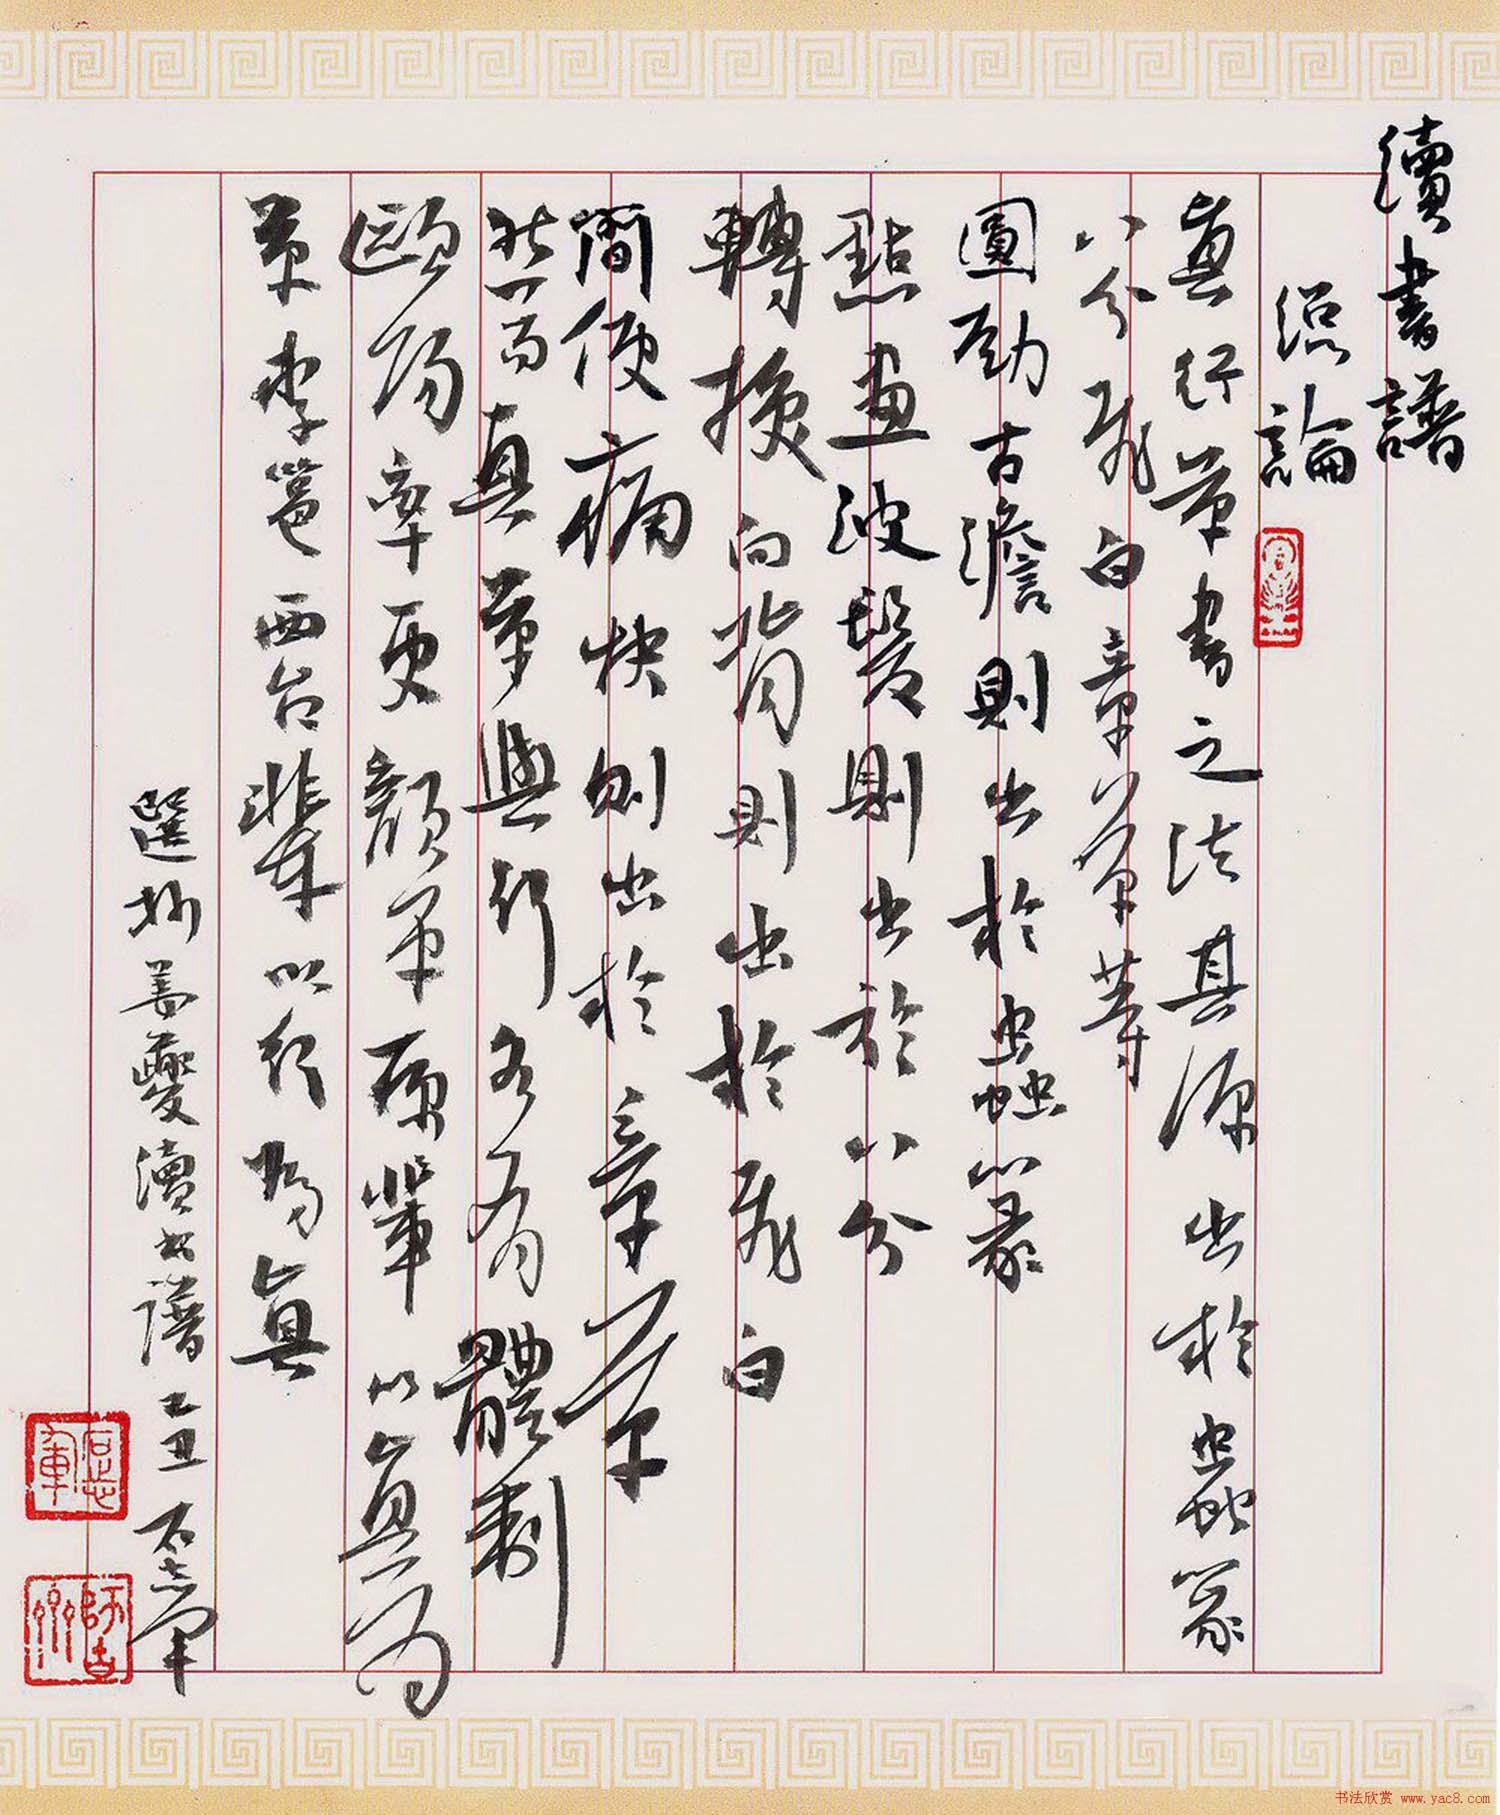 《书谱》 11-19 刘大勇题字书法作品欣赏 11-19 《旧拓兰亭序二十种》图片